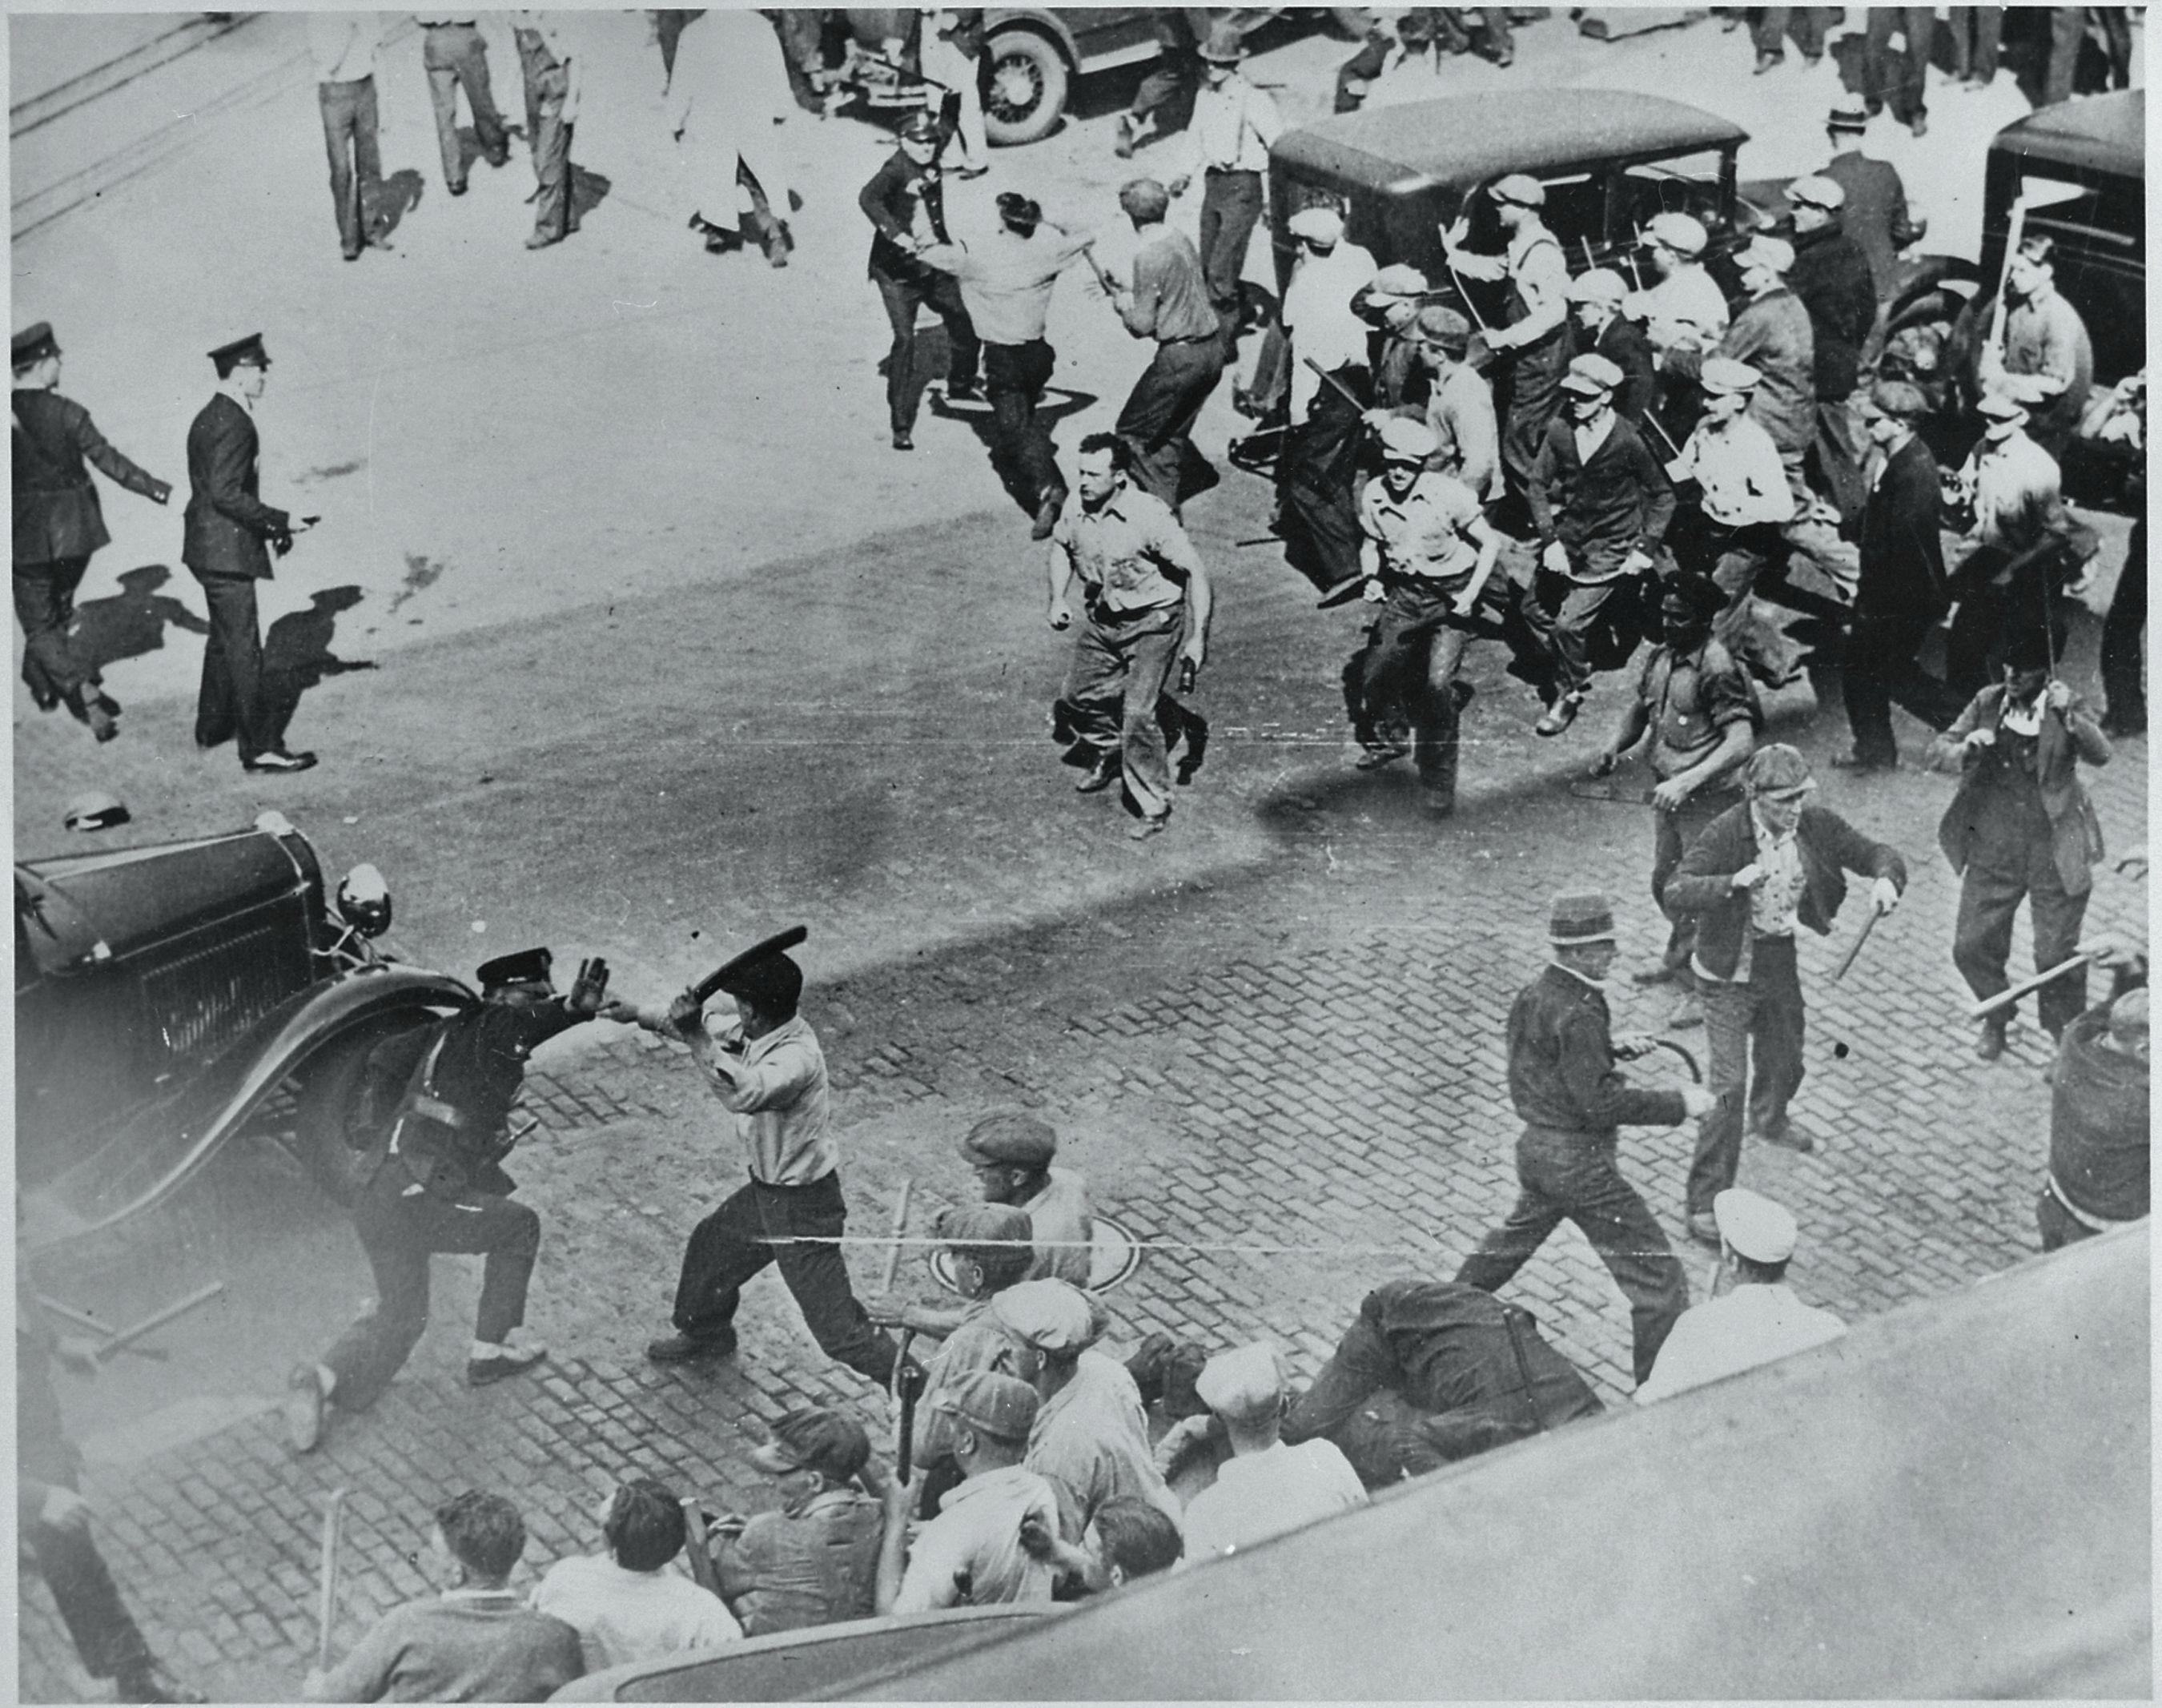 1934. Sztrájkoló munkások és rendőrök összecsapása Minneapolisban, USA..jpg